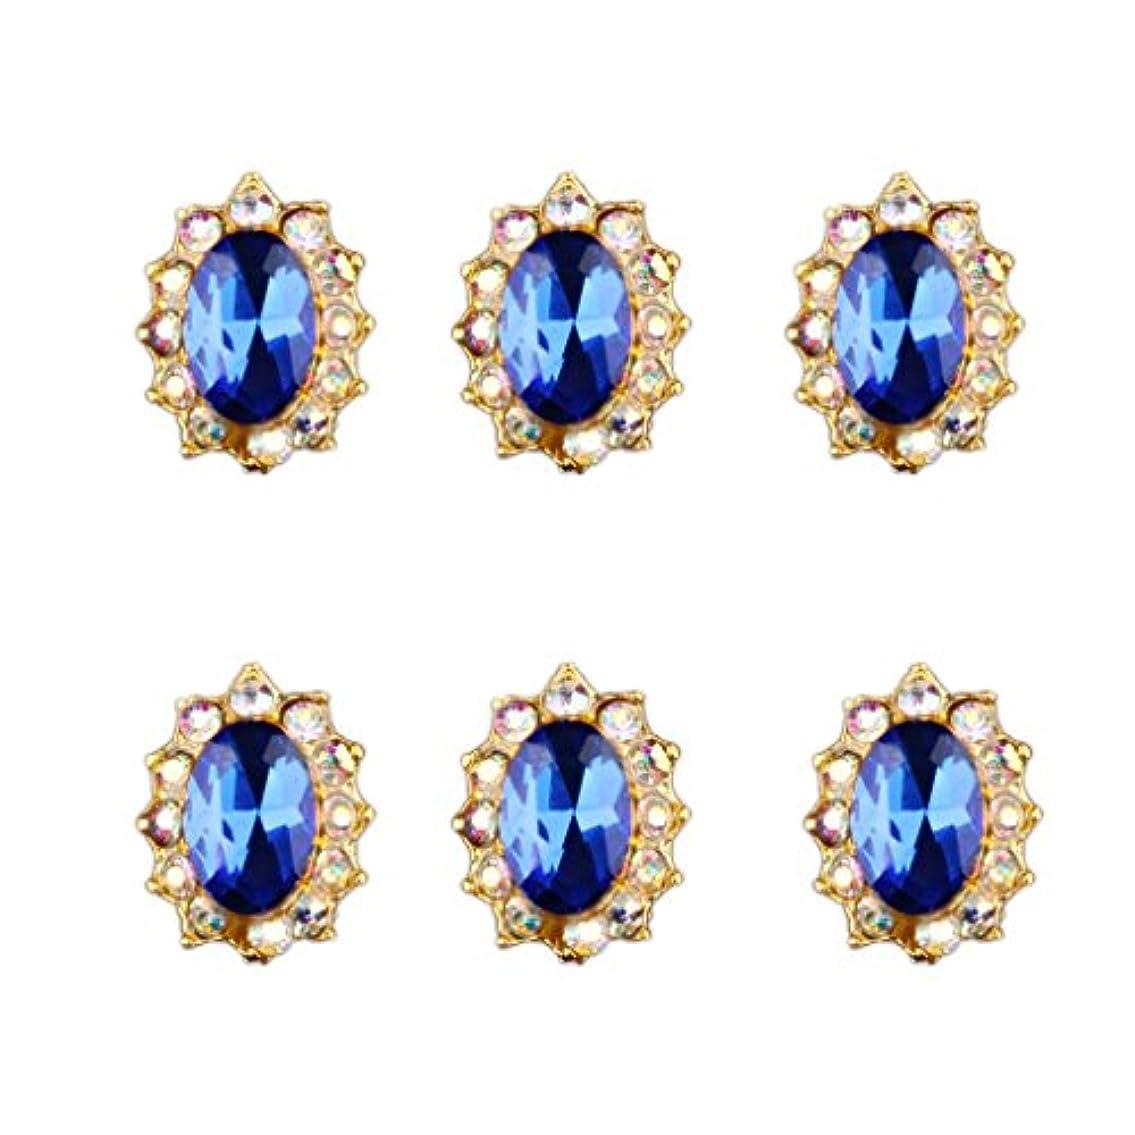 無織る虐待Perfk 10ピース キラキラ ネイル アート デコレーション ラインストーン チャーム ジュエリー 宝石 電話ケース対応 3Dヒントツール きれい 全10種類 - 3